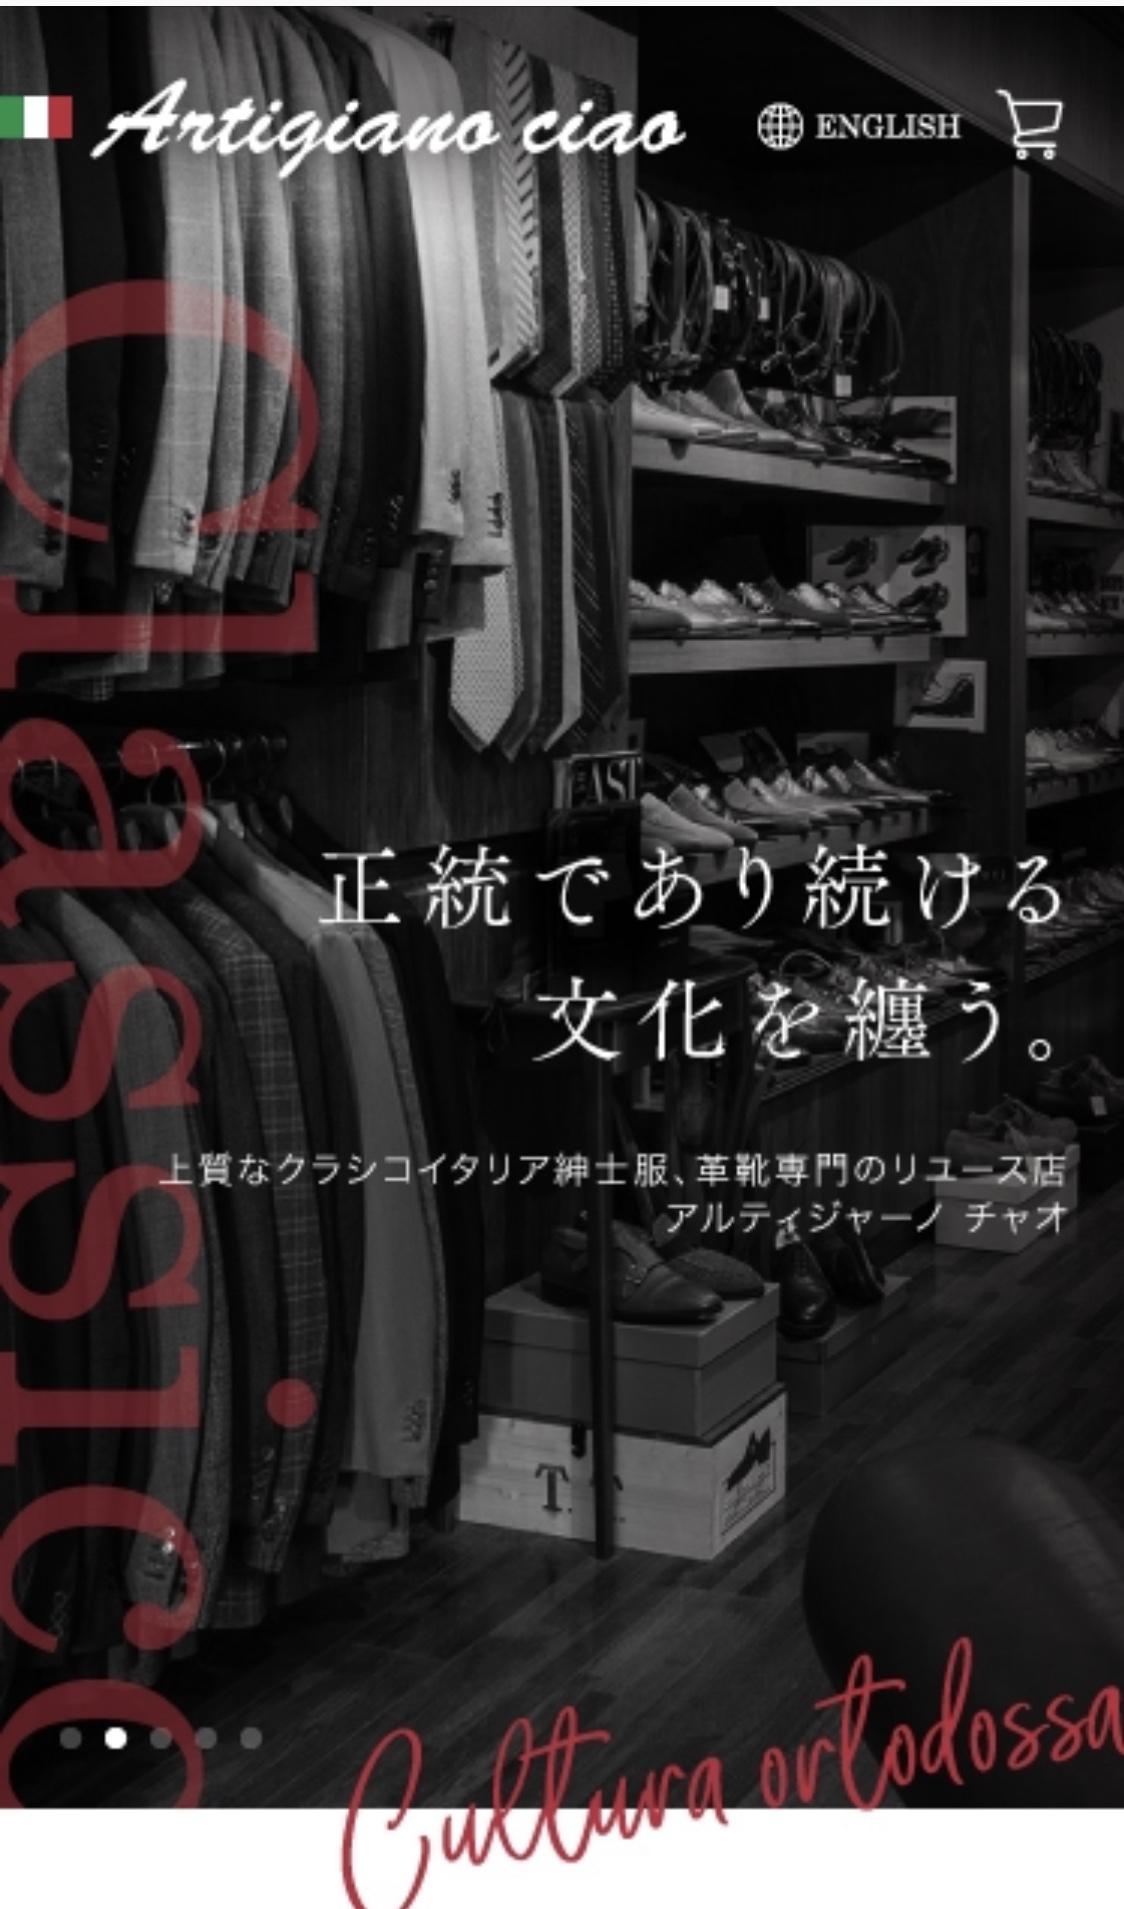 ◆品質は信頼の証。スーツは貴男の価値観を示す◆